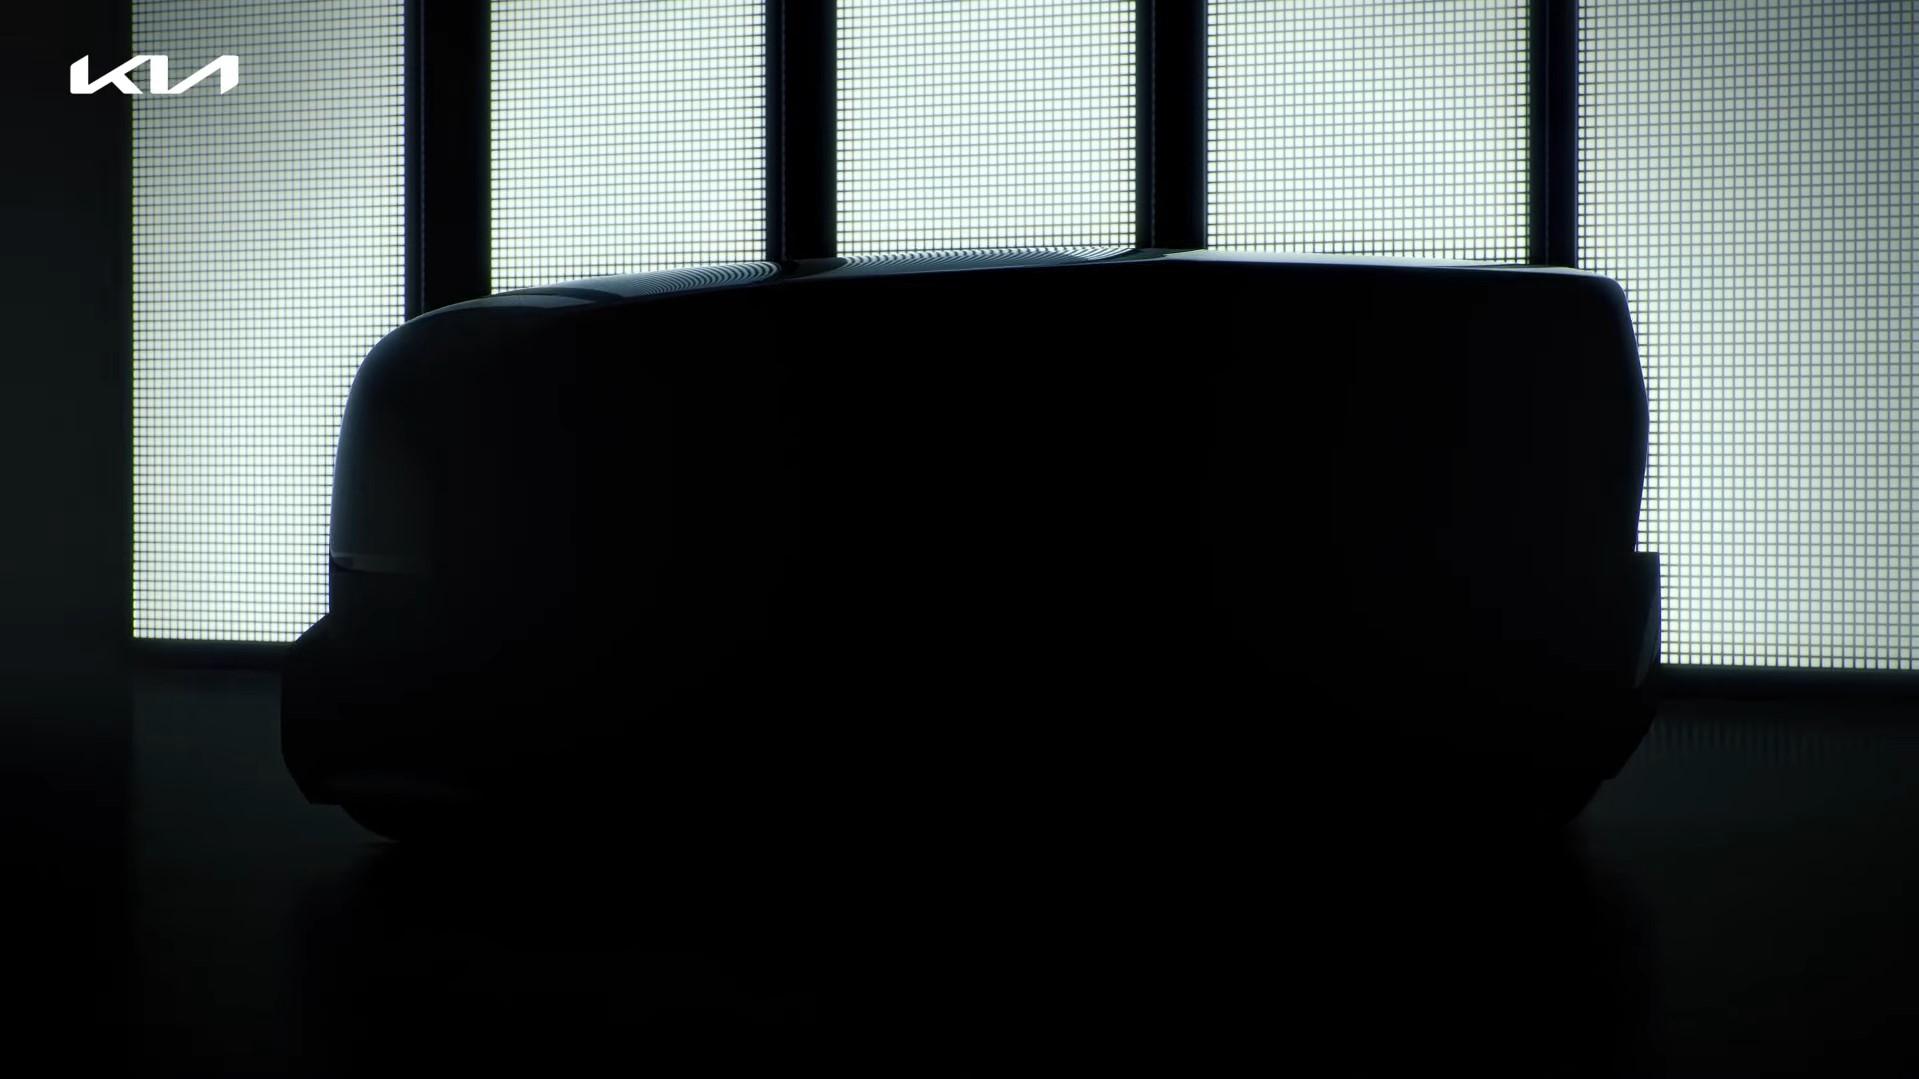 Kia Teaser White SUV Side View